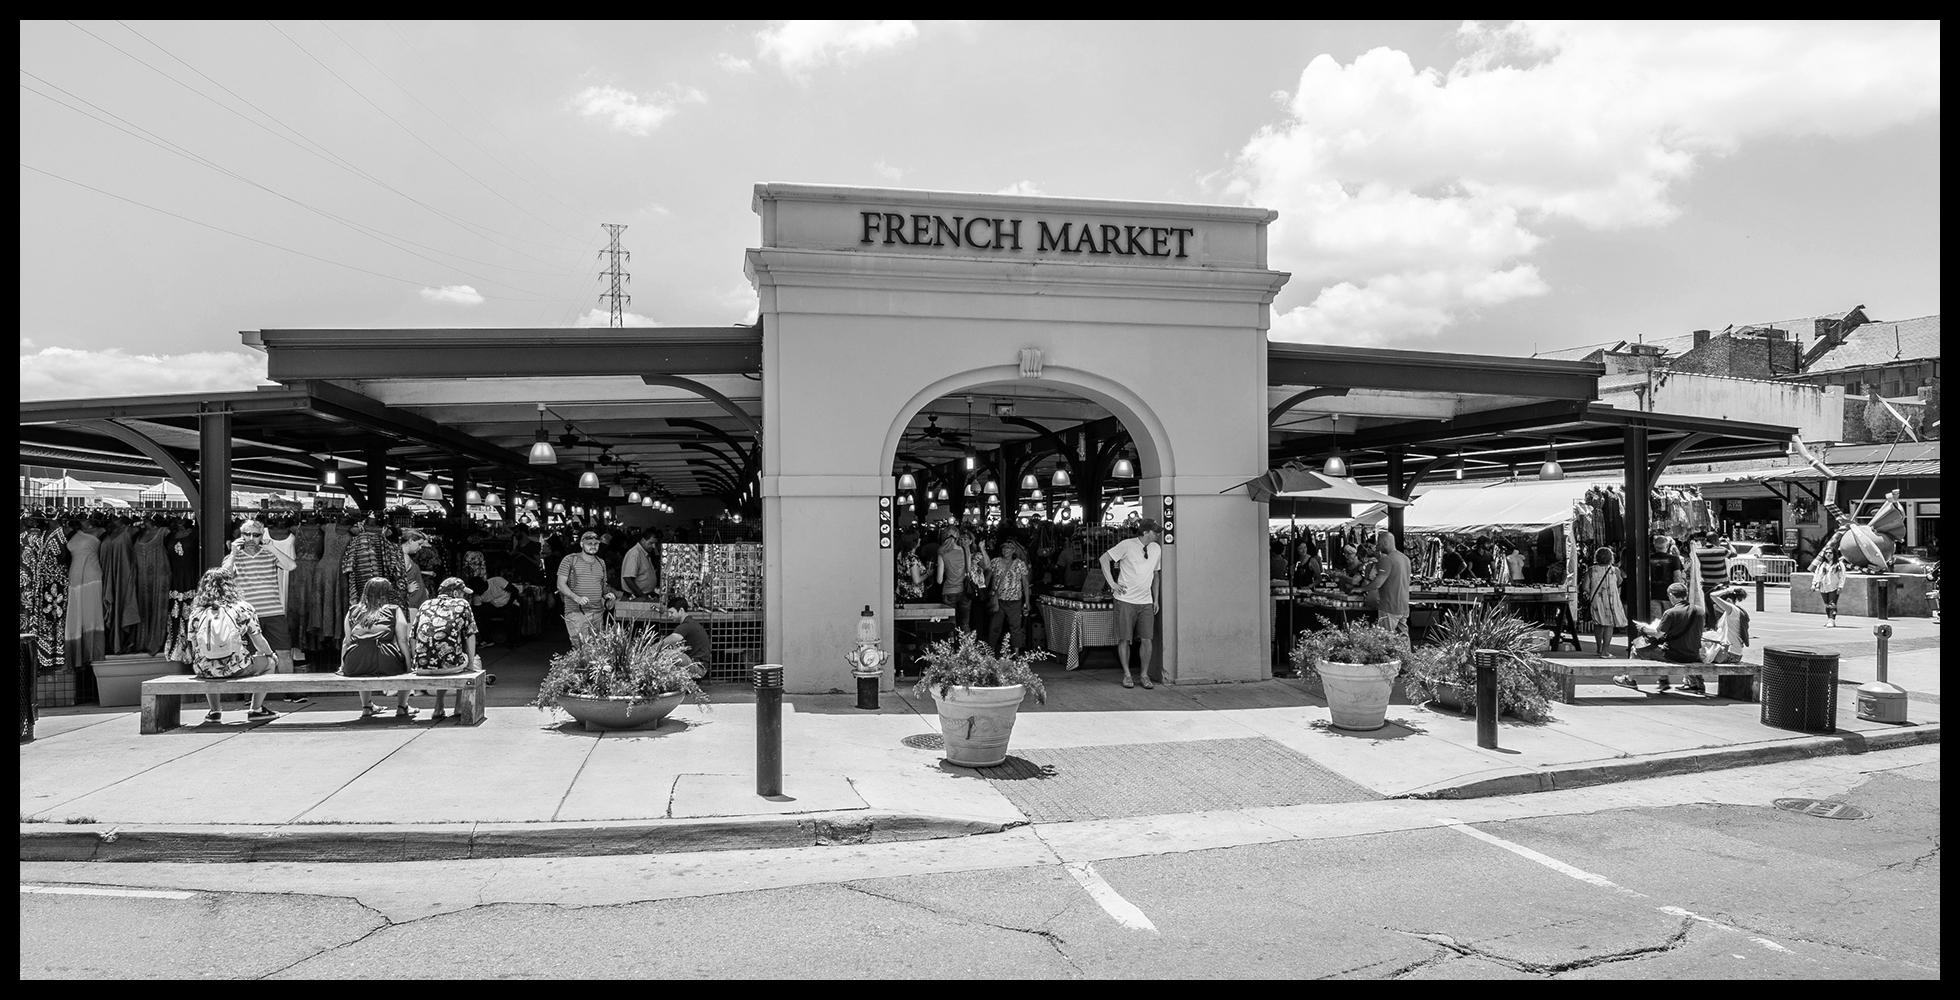 NewOrleans_FrenchMarket1.jpg